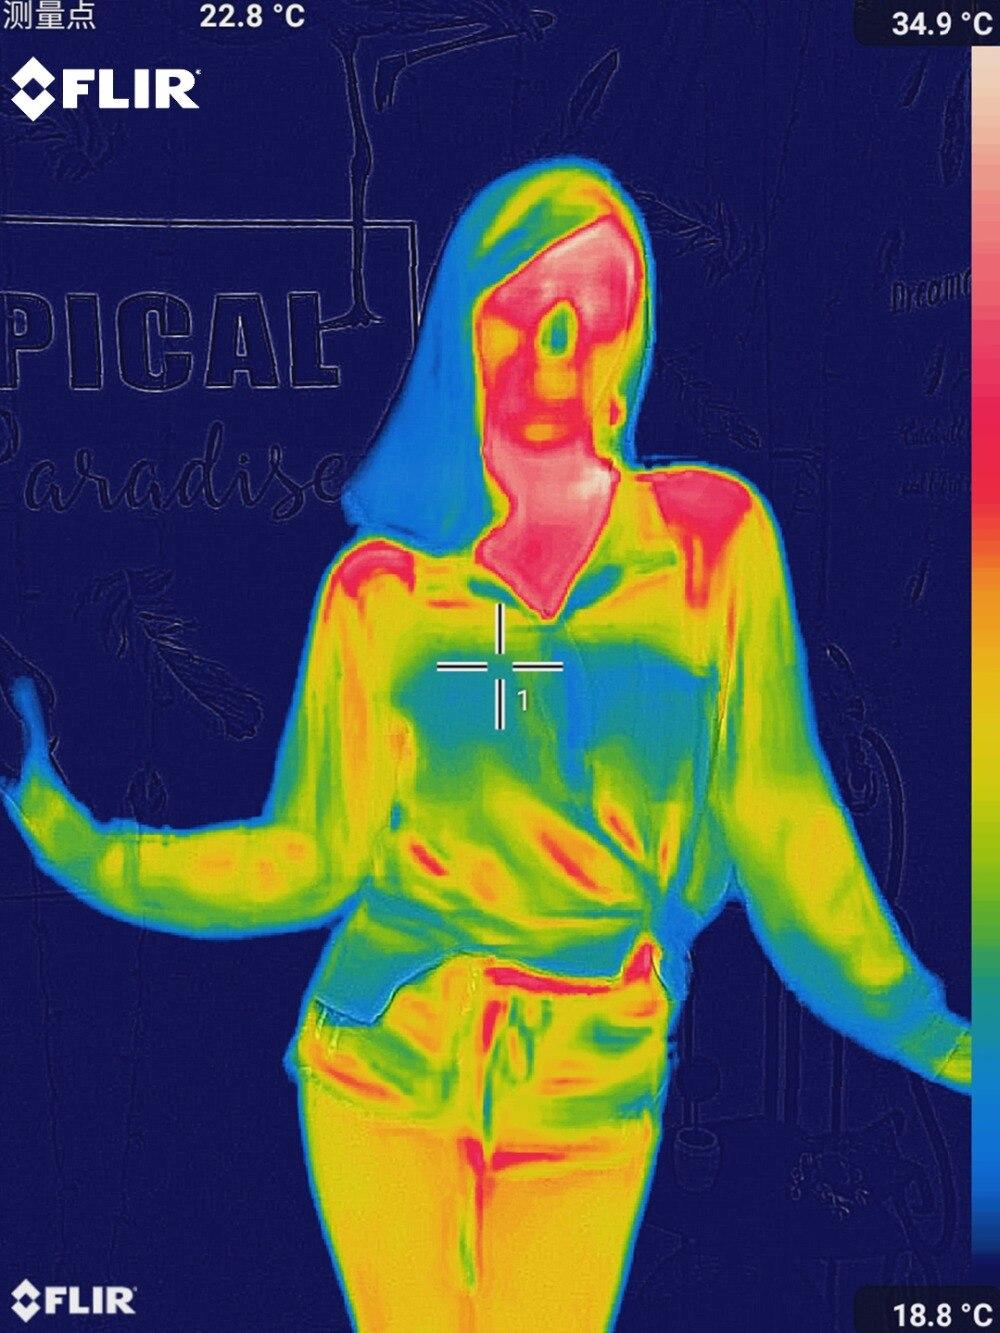 Cámara de imagen térmica de imágenes en el infrarrojo visión nocturna FLIR ONE PRO uso para iphone ipad iOS o Android